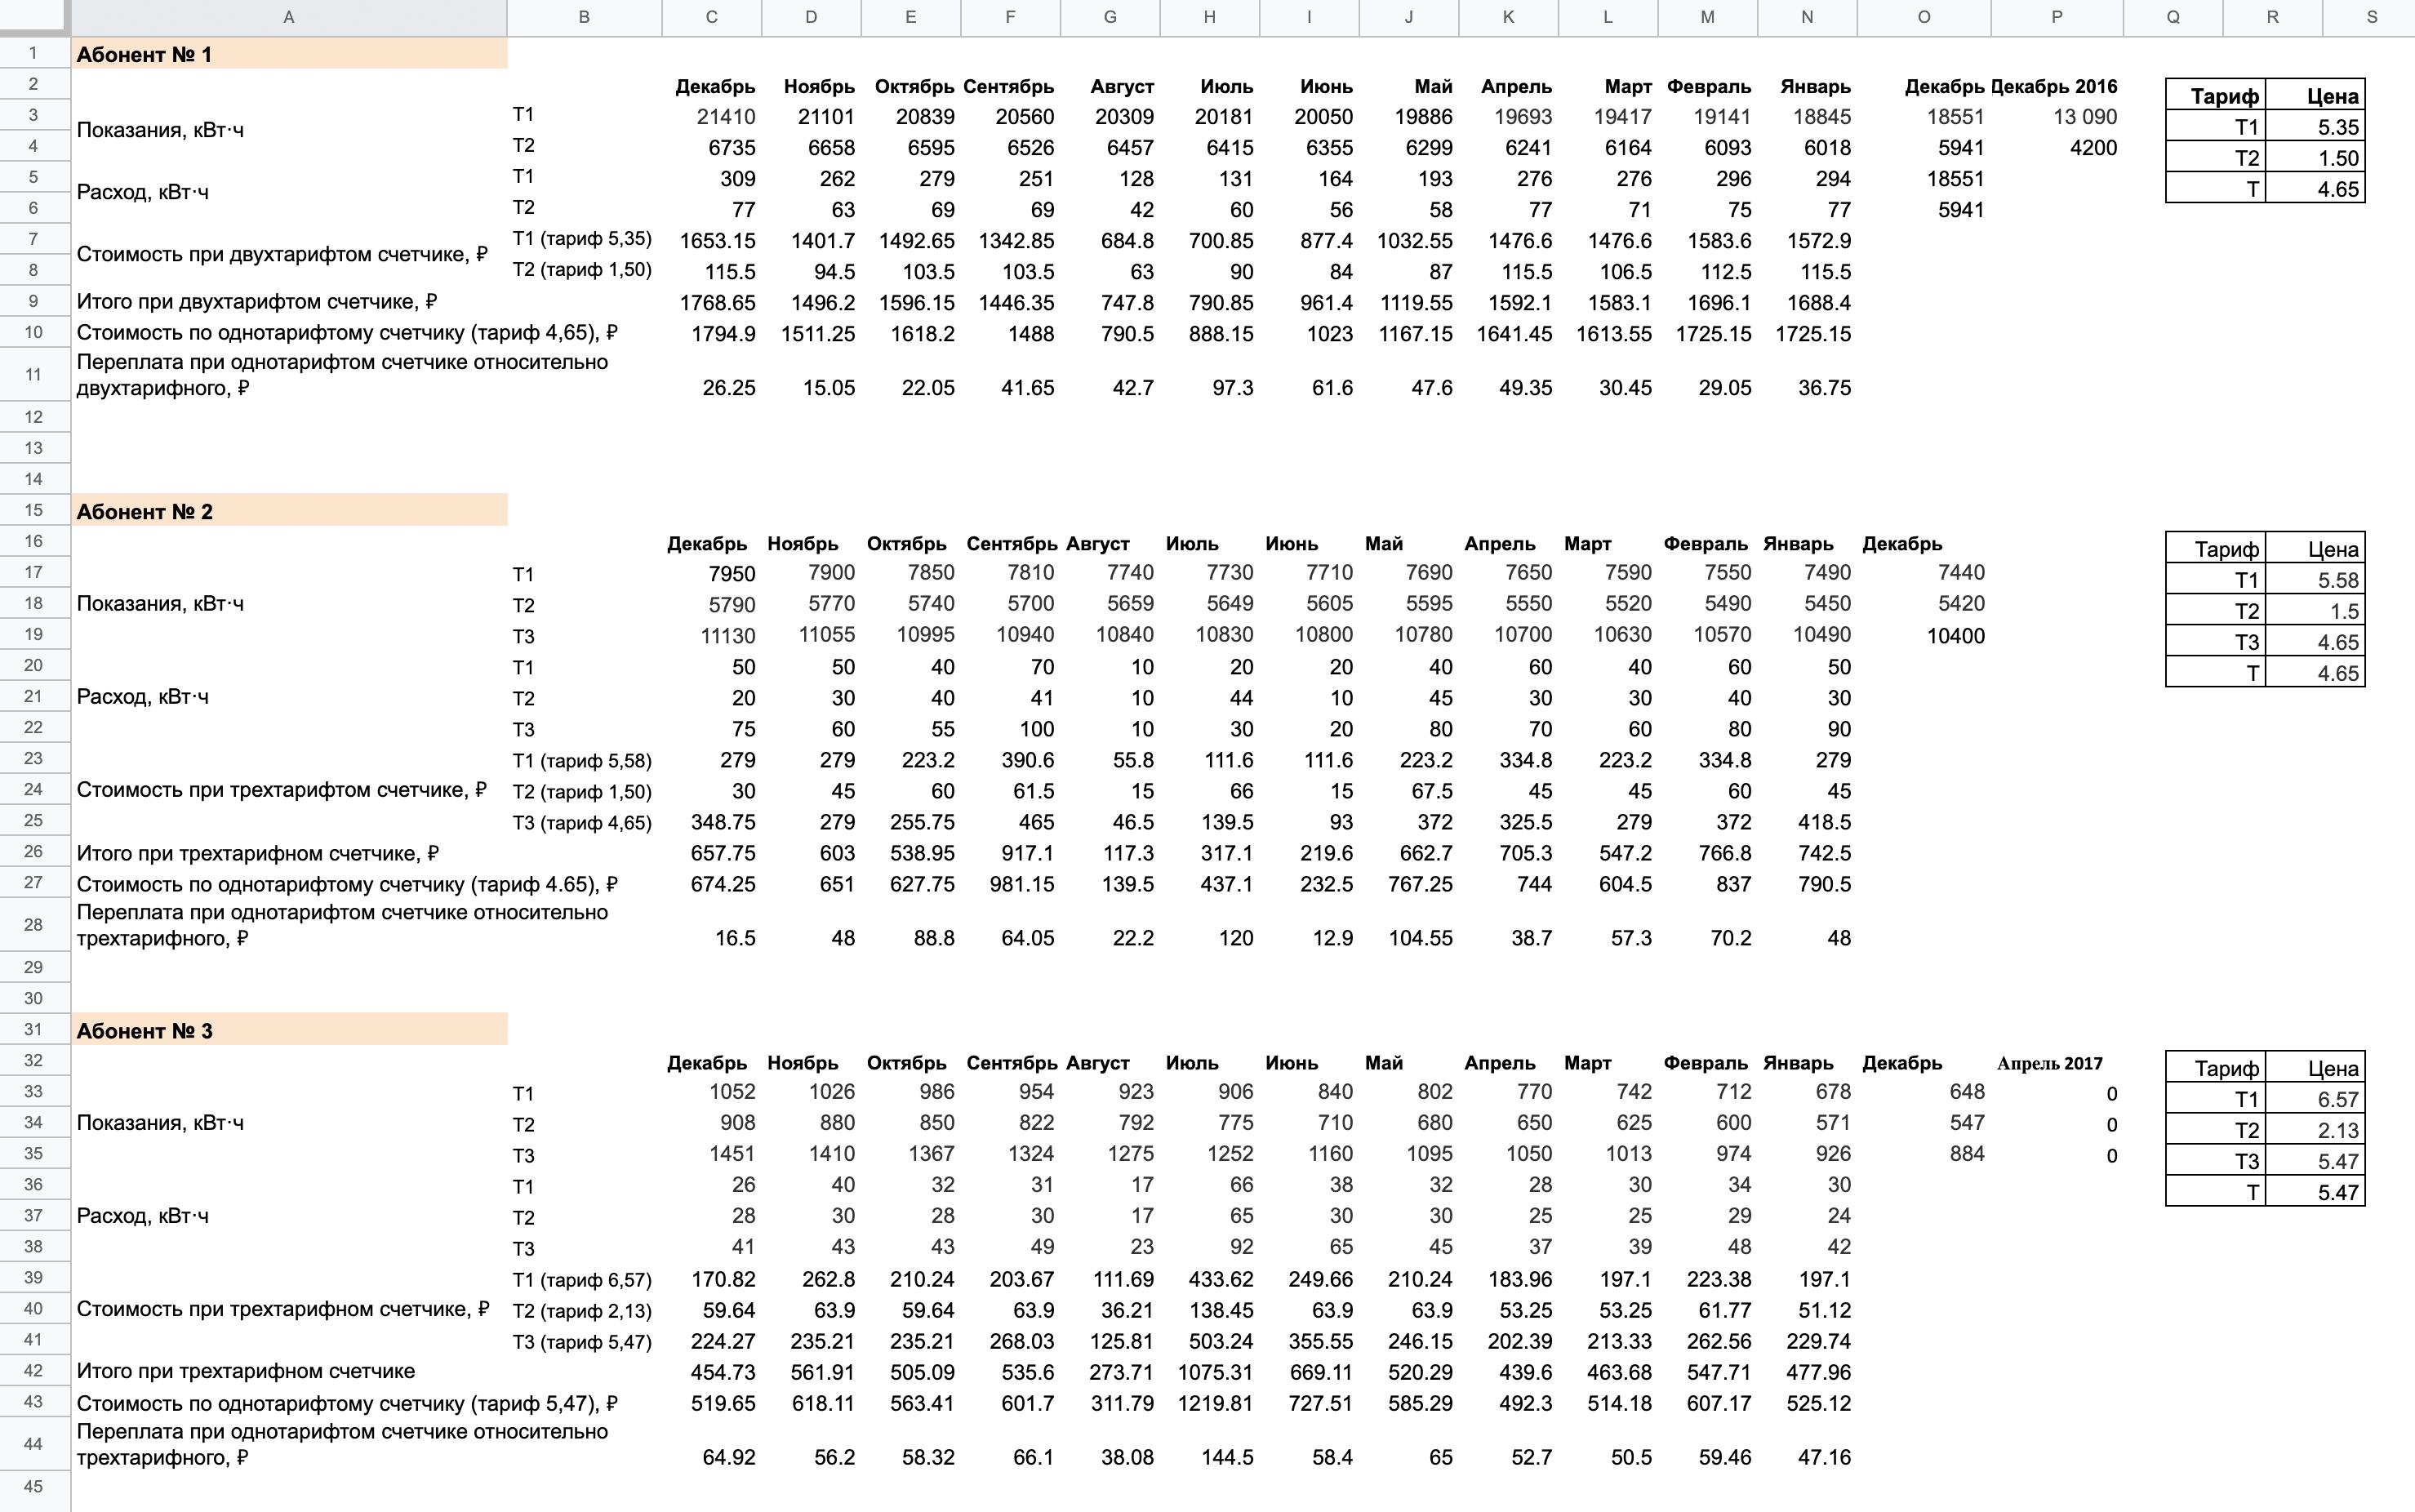 Я провела расчеты для&nbsp;трех абонентов за 2019 год и все свела в подробную таблицу. Для&nbsp;расчета срока окупаемости я взяла разницу в 3500<span class=ruble>Р</span> — это сумма, на которую многотарифный счетчик дороже однотарифного. Ее я разделила на ту экономию, что получилась от использования многотарифного счетчика